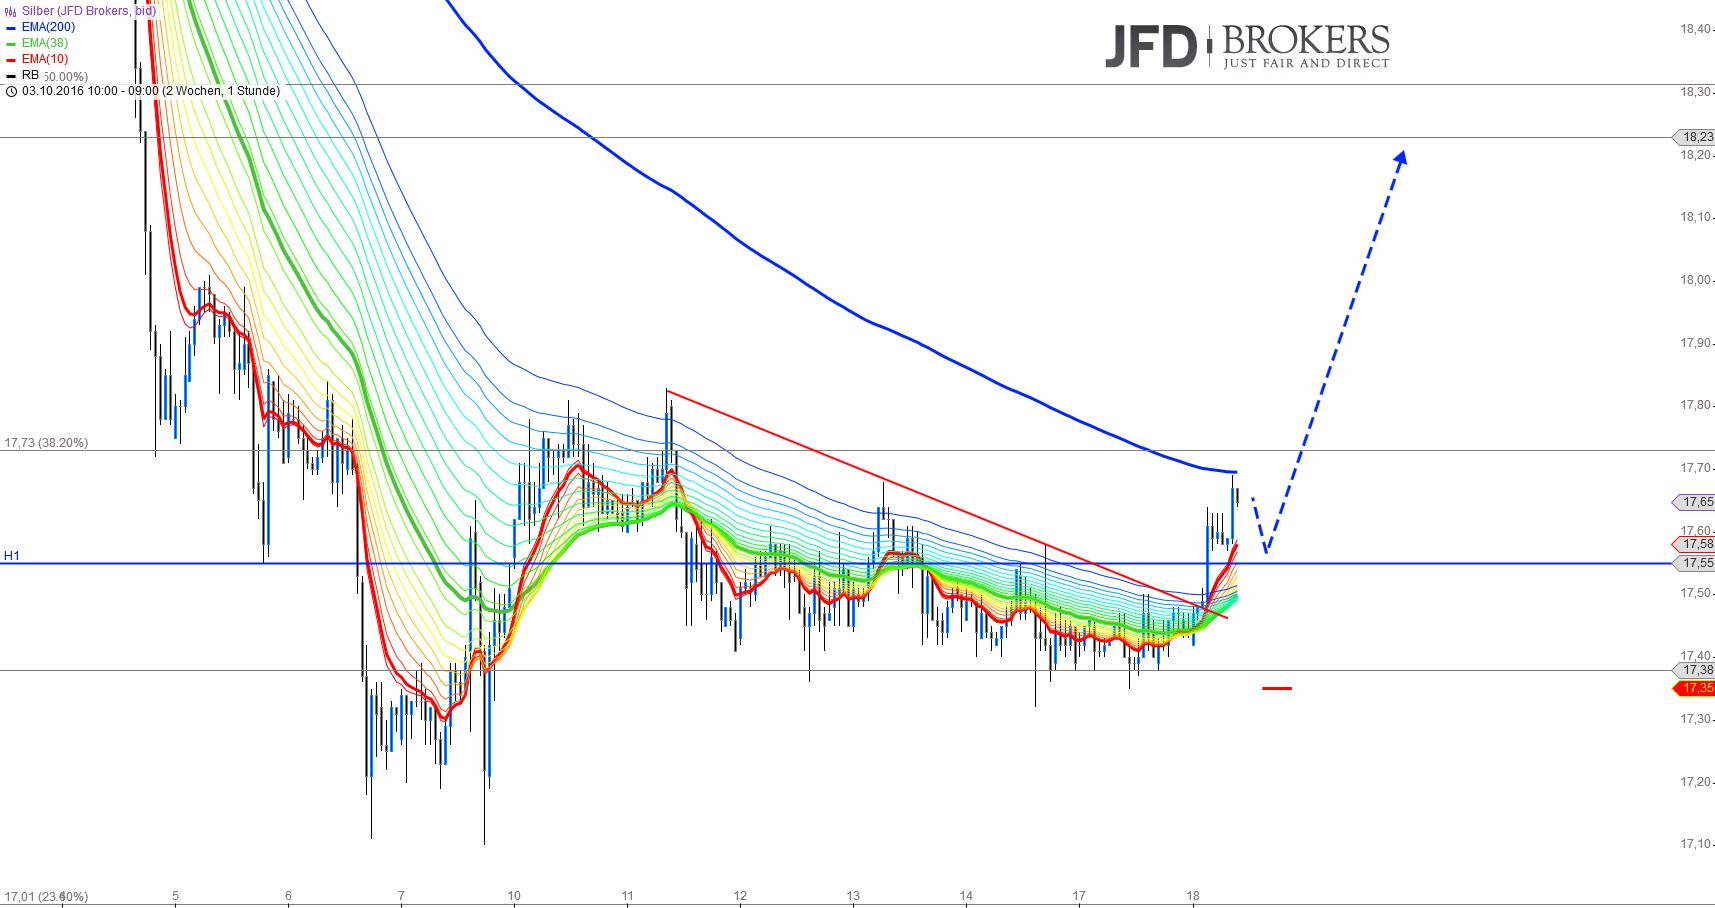 Gold-Silber-Ende-der-Konsolidierungsphase-Kommentar-JFD-Brokers-GodmodeTrader.de-4